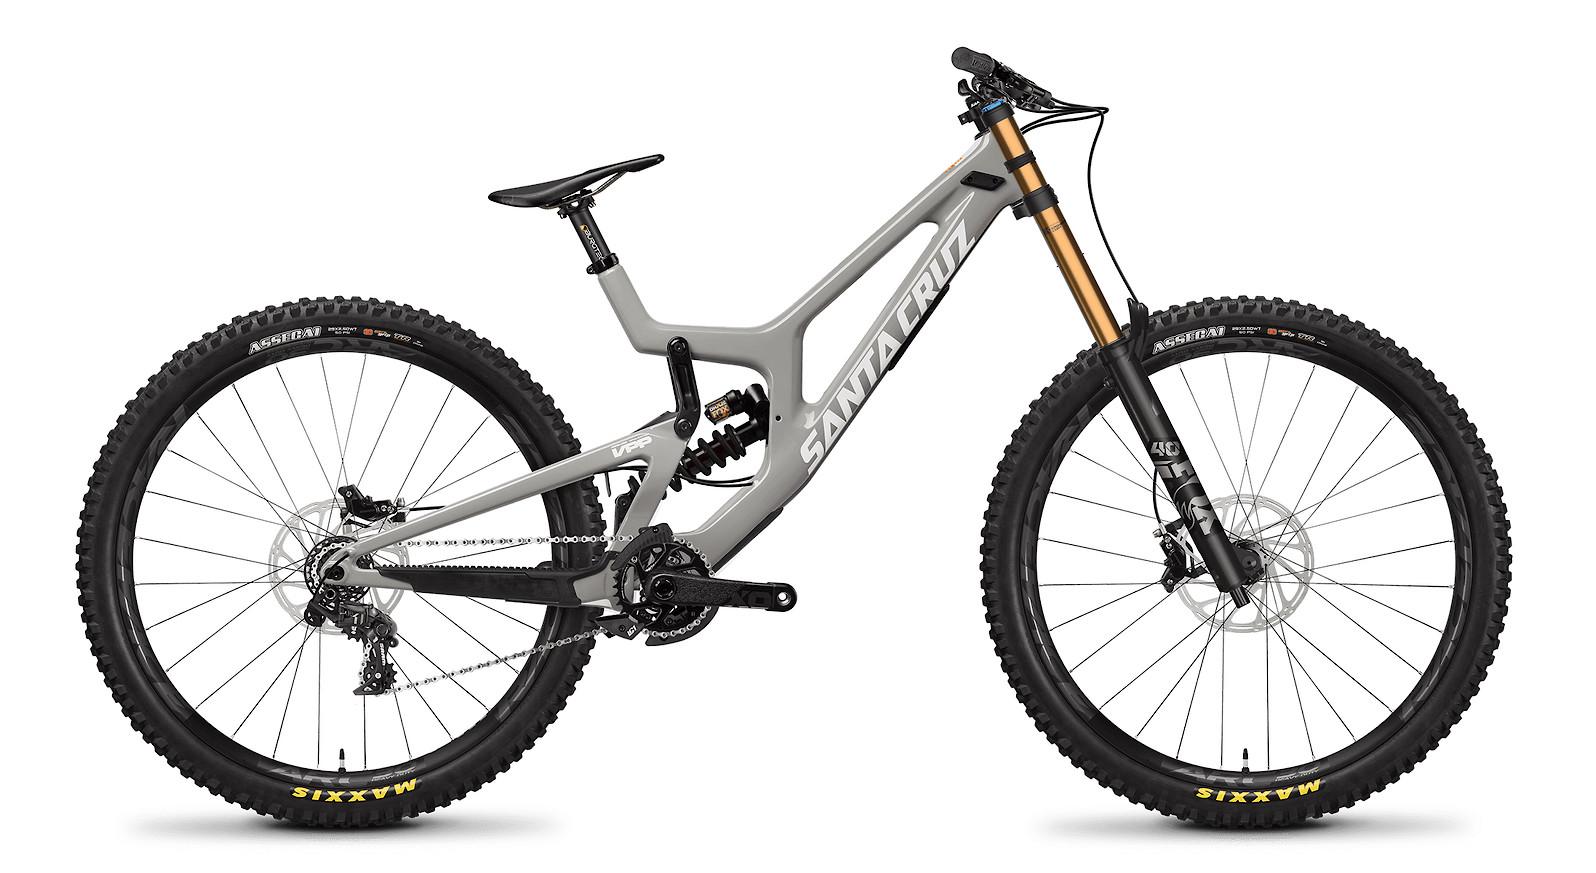 2021 Santa Cruz V10 DH X01 Carbon CC 29